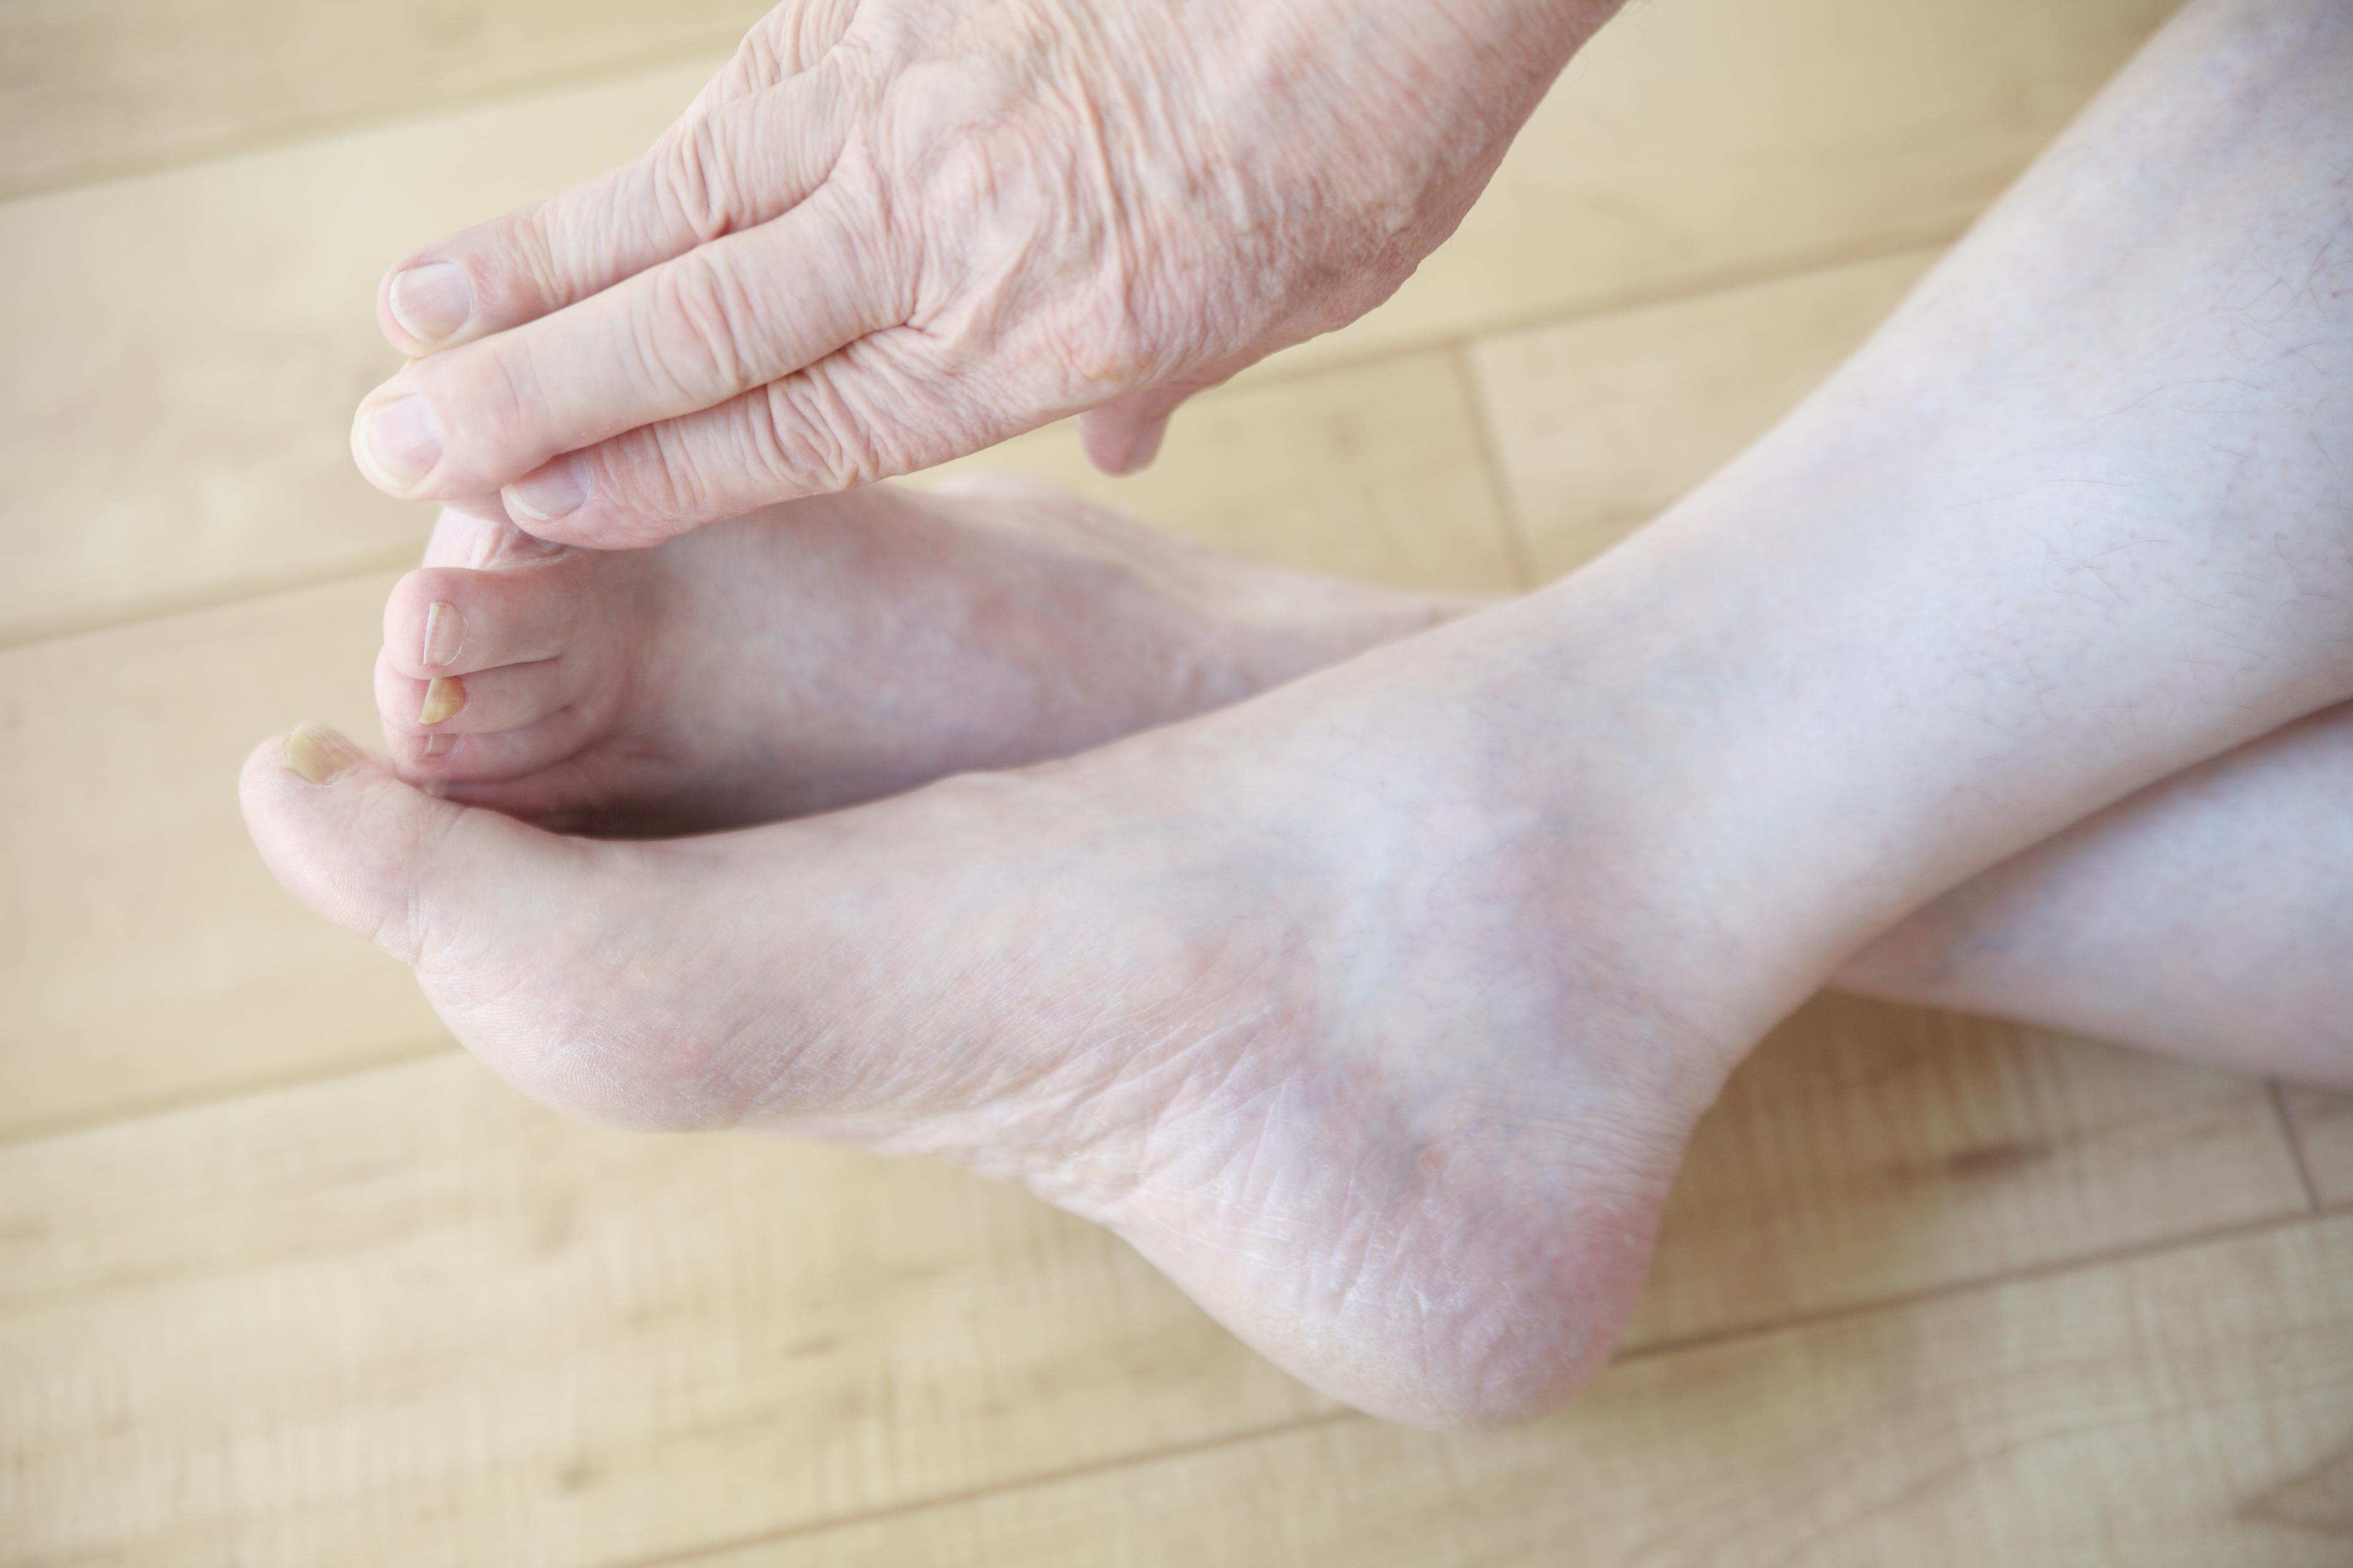 fc27f75c971 Lär känna dina fötter genom att dagligen ta en koll på hur de mår - då